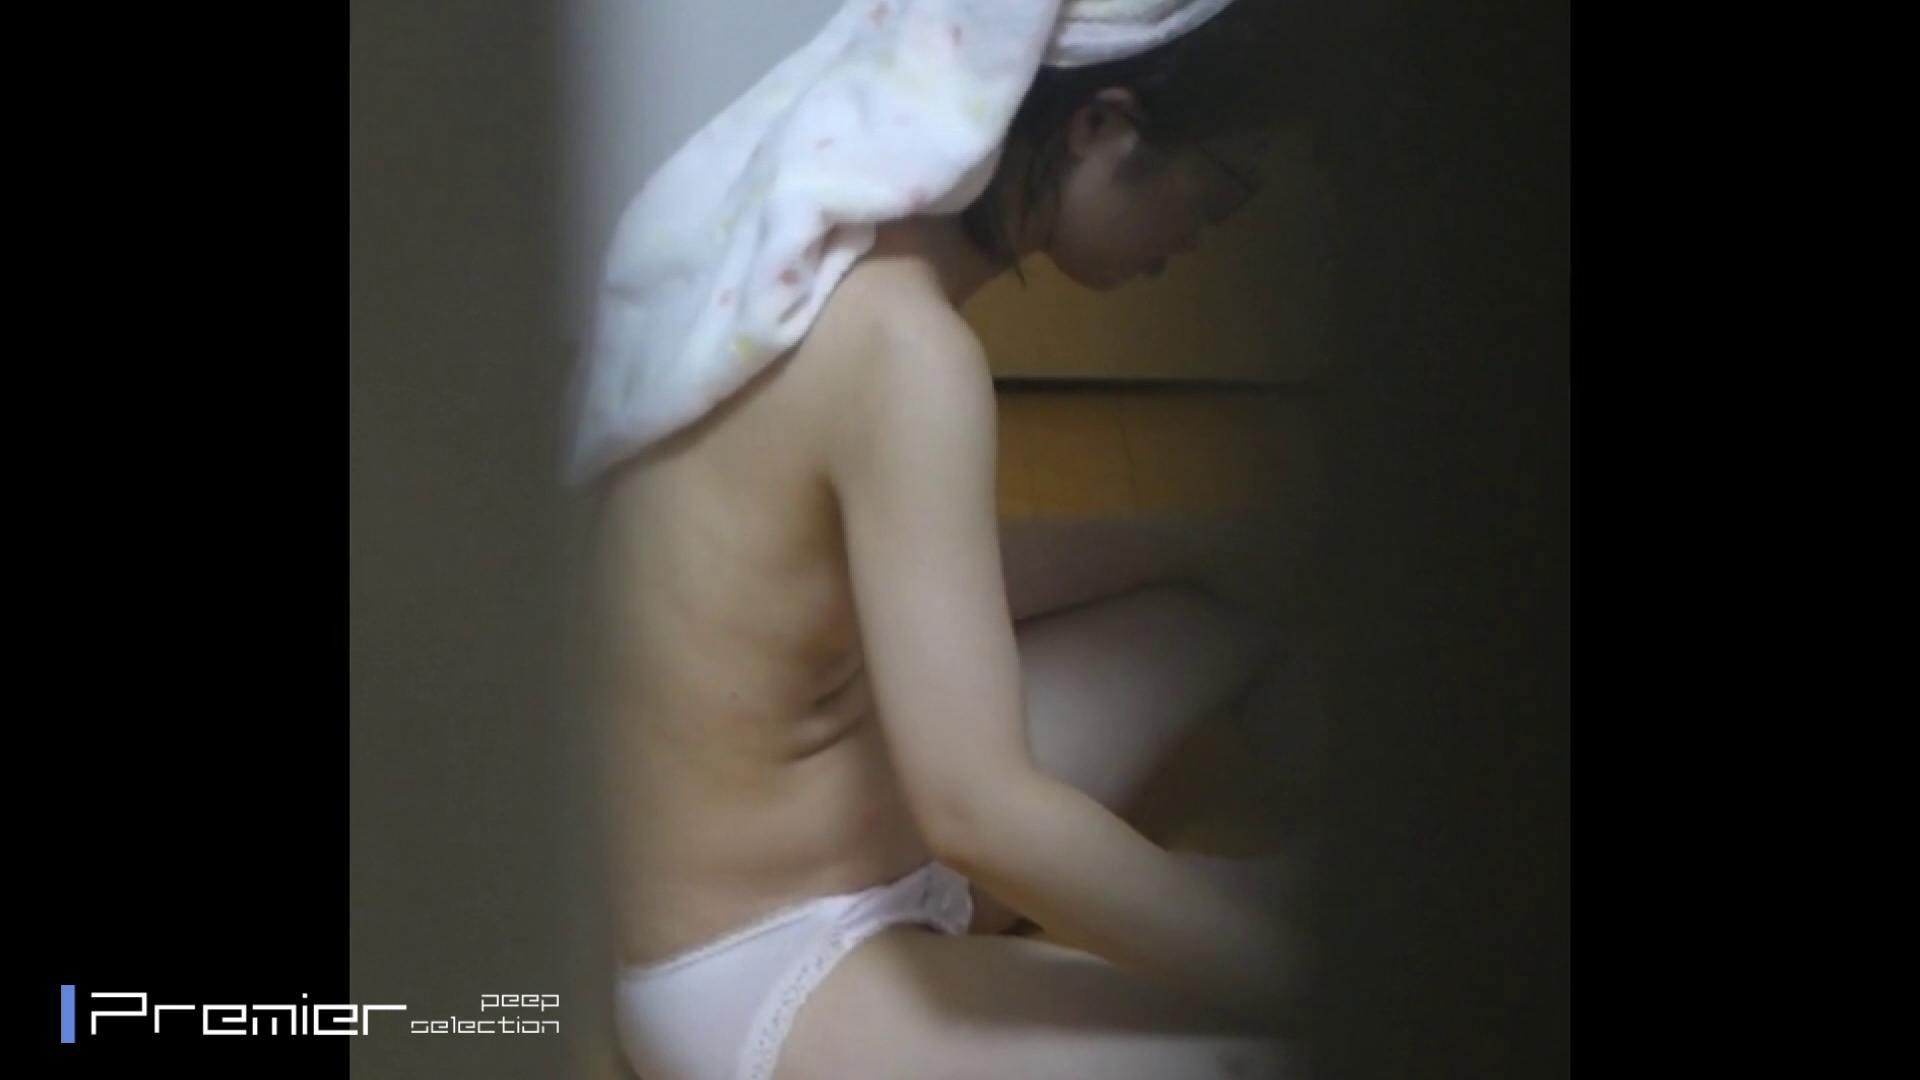 普段絶対に見ることができない清楚系OLの無防備な姿 美女達の私生活に潜入! シャワー室 スケベ動画紹介 68画像 64